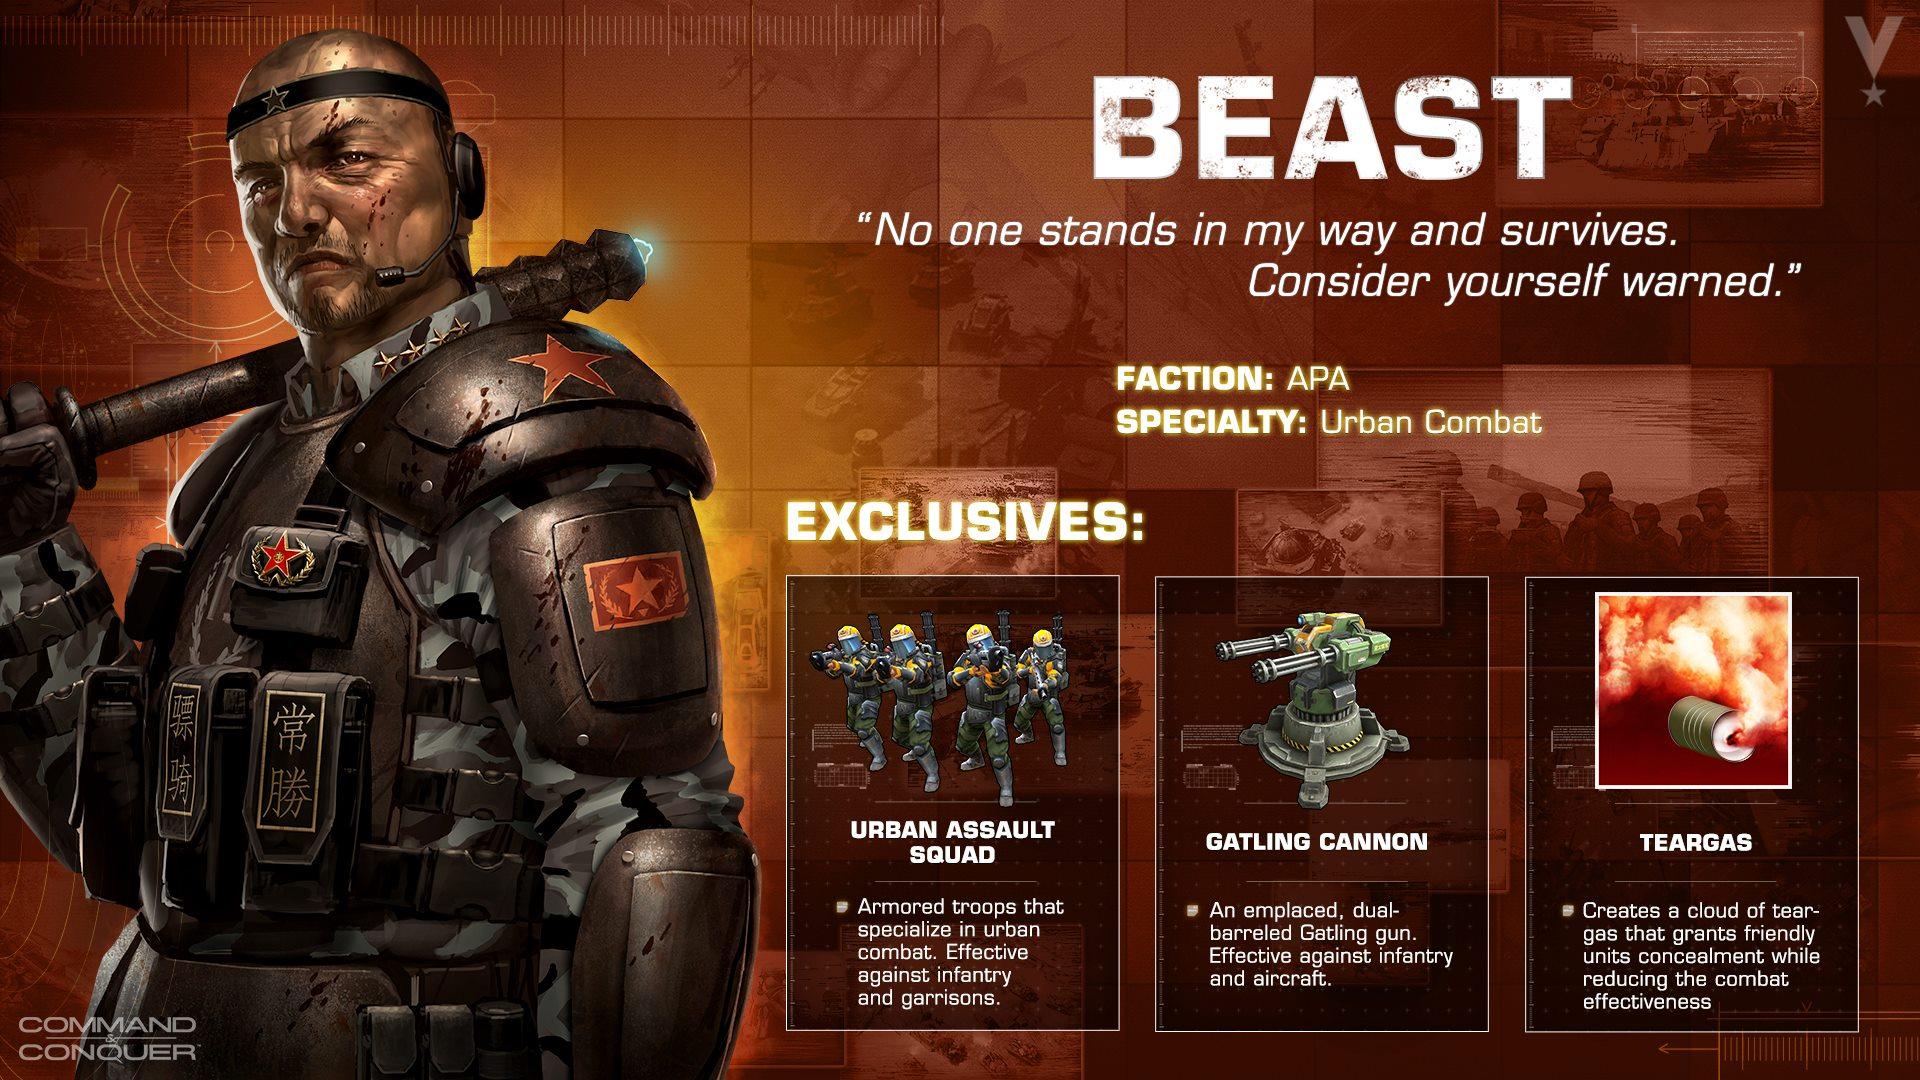 Beast - der Urban Combat General der APA!